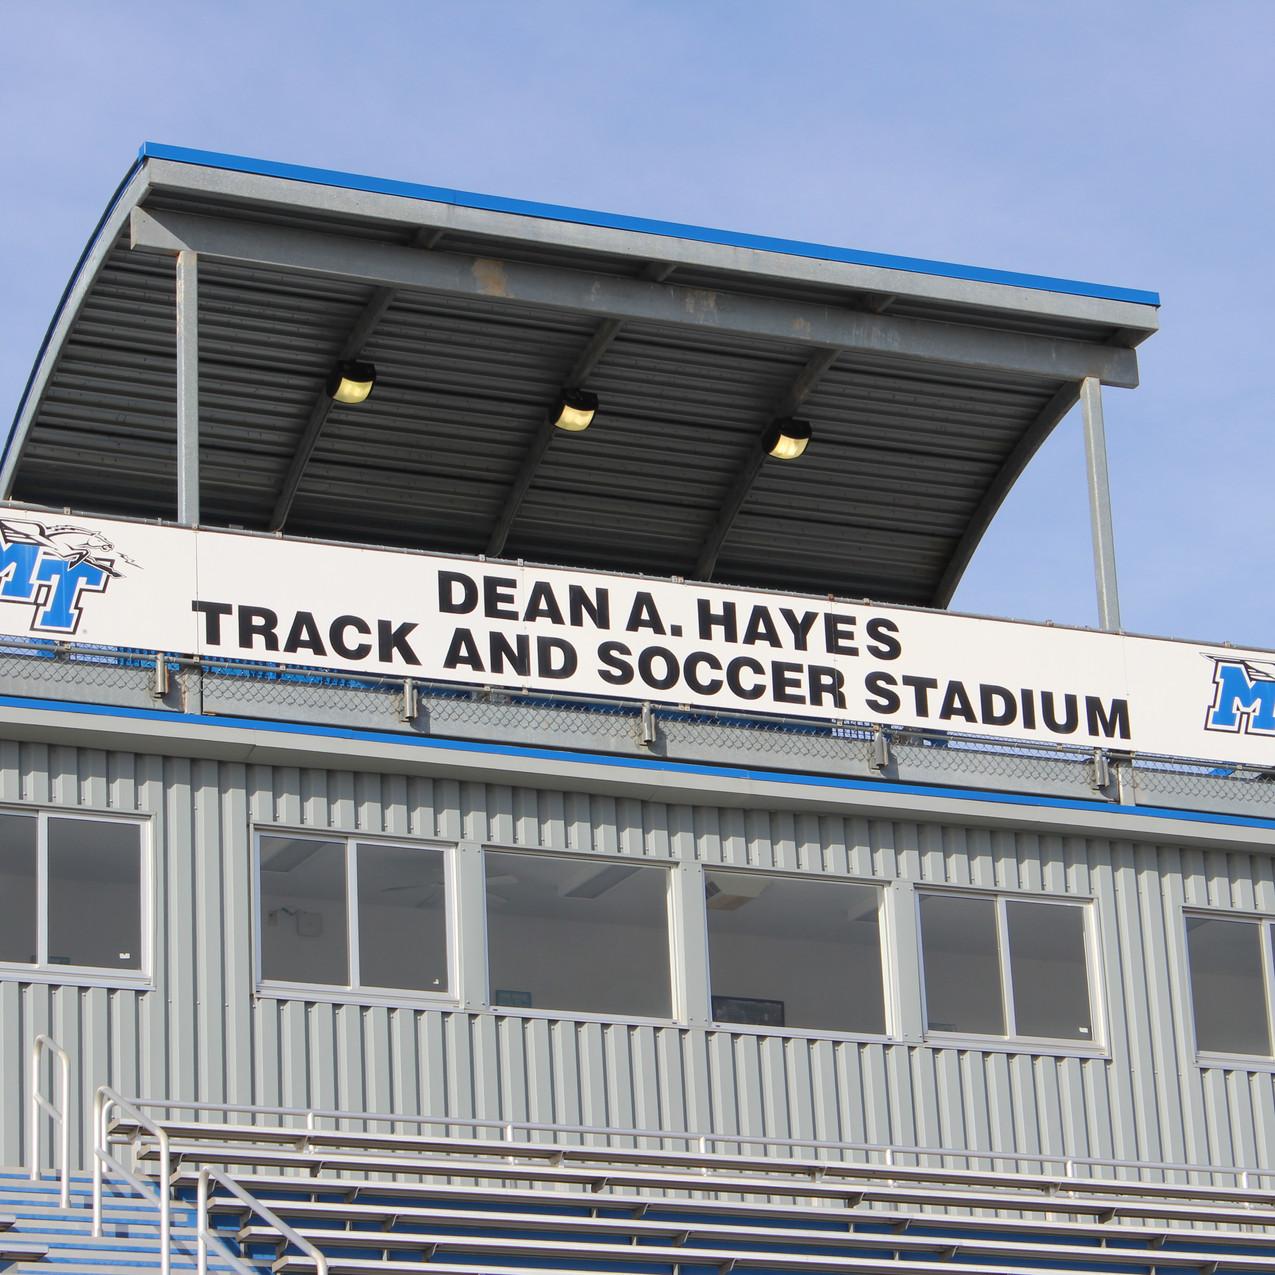 Dean A. Hayes Stadium